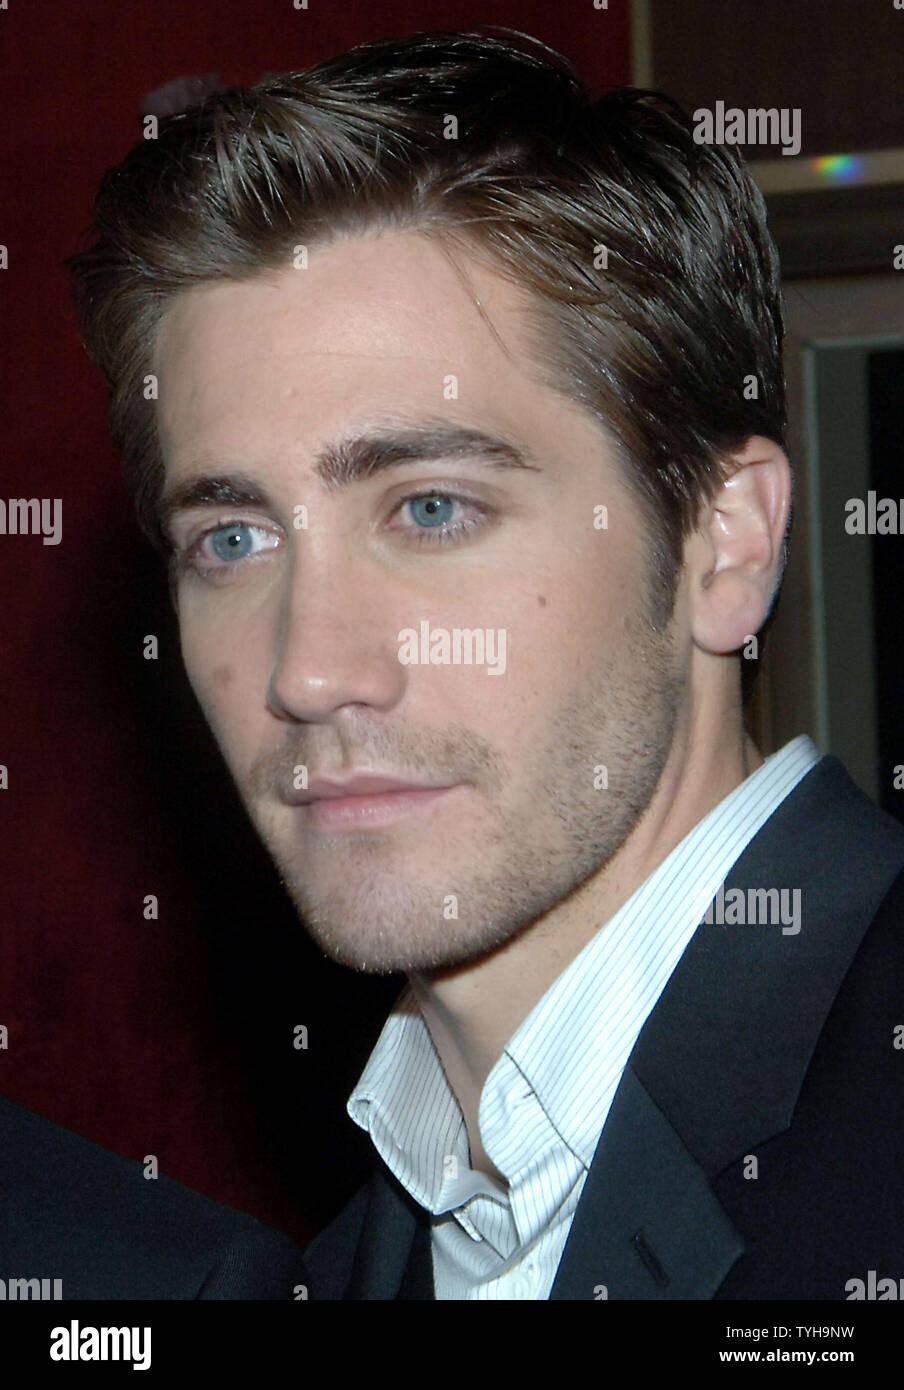 Jake Gyllenhaal Jarhead Photos Jake Gyllenhaal Jarhead Images Alamy